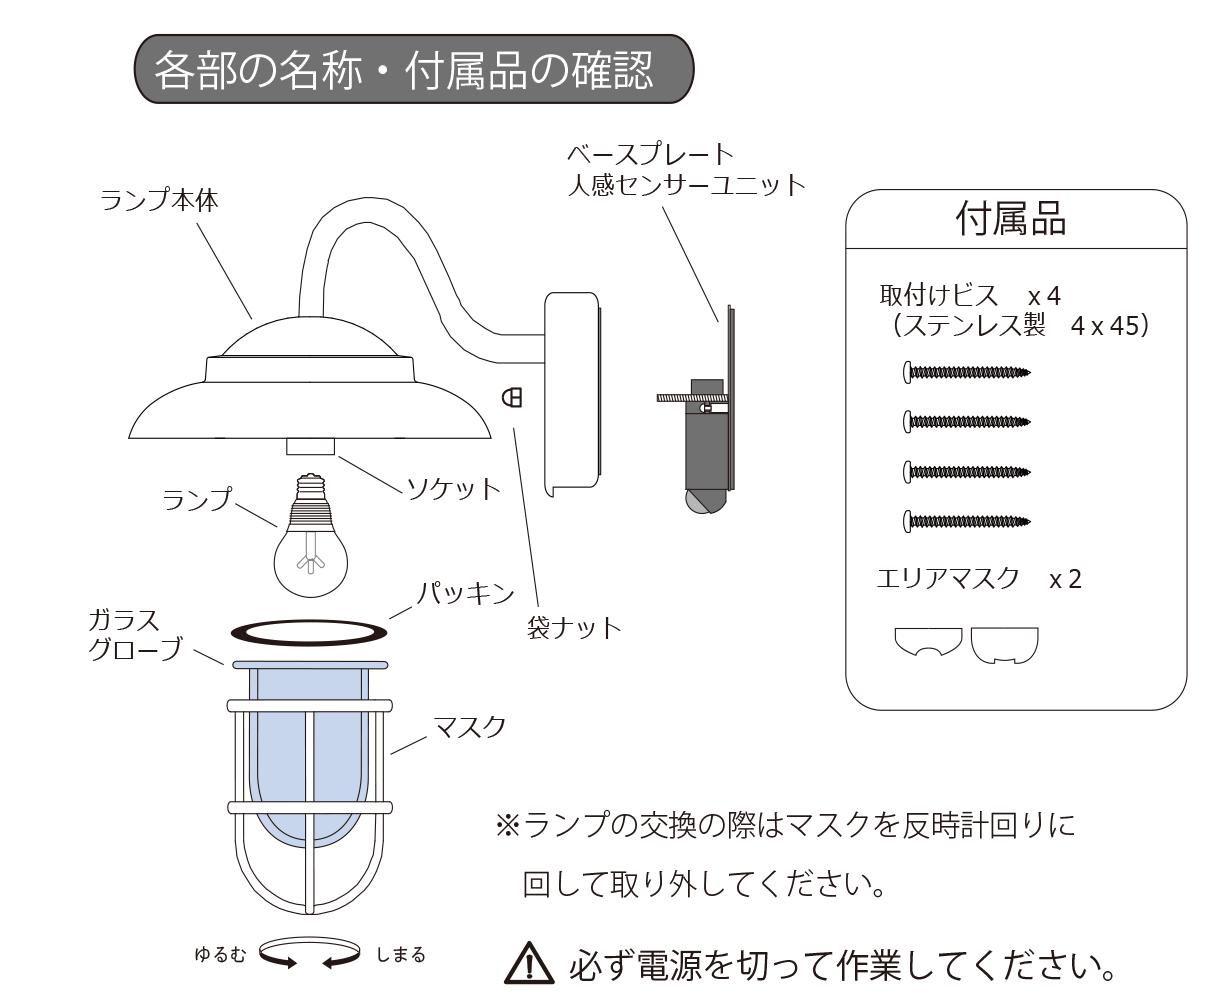 【マリンランプ】BR5060 ブラックシリーズ 人感センサー付き